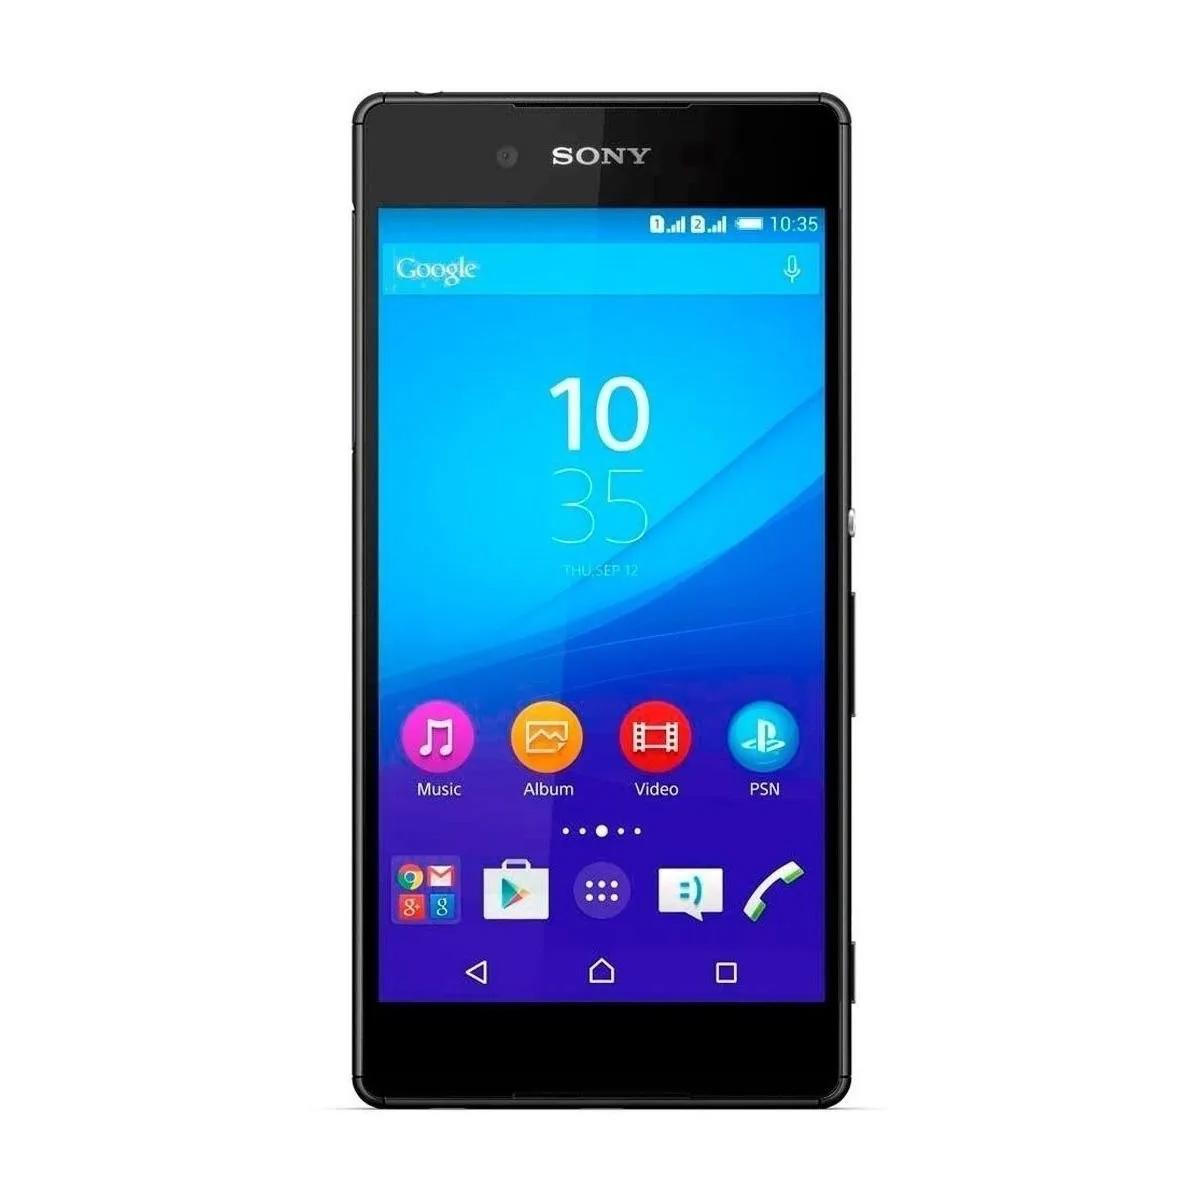 Sony Xperia Z3 Plus E6553 4g 32gb 20.7mpx - Mostruário